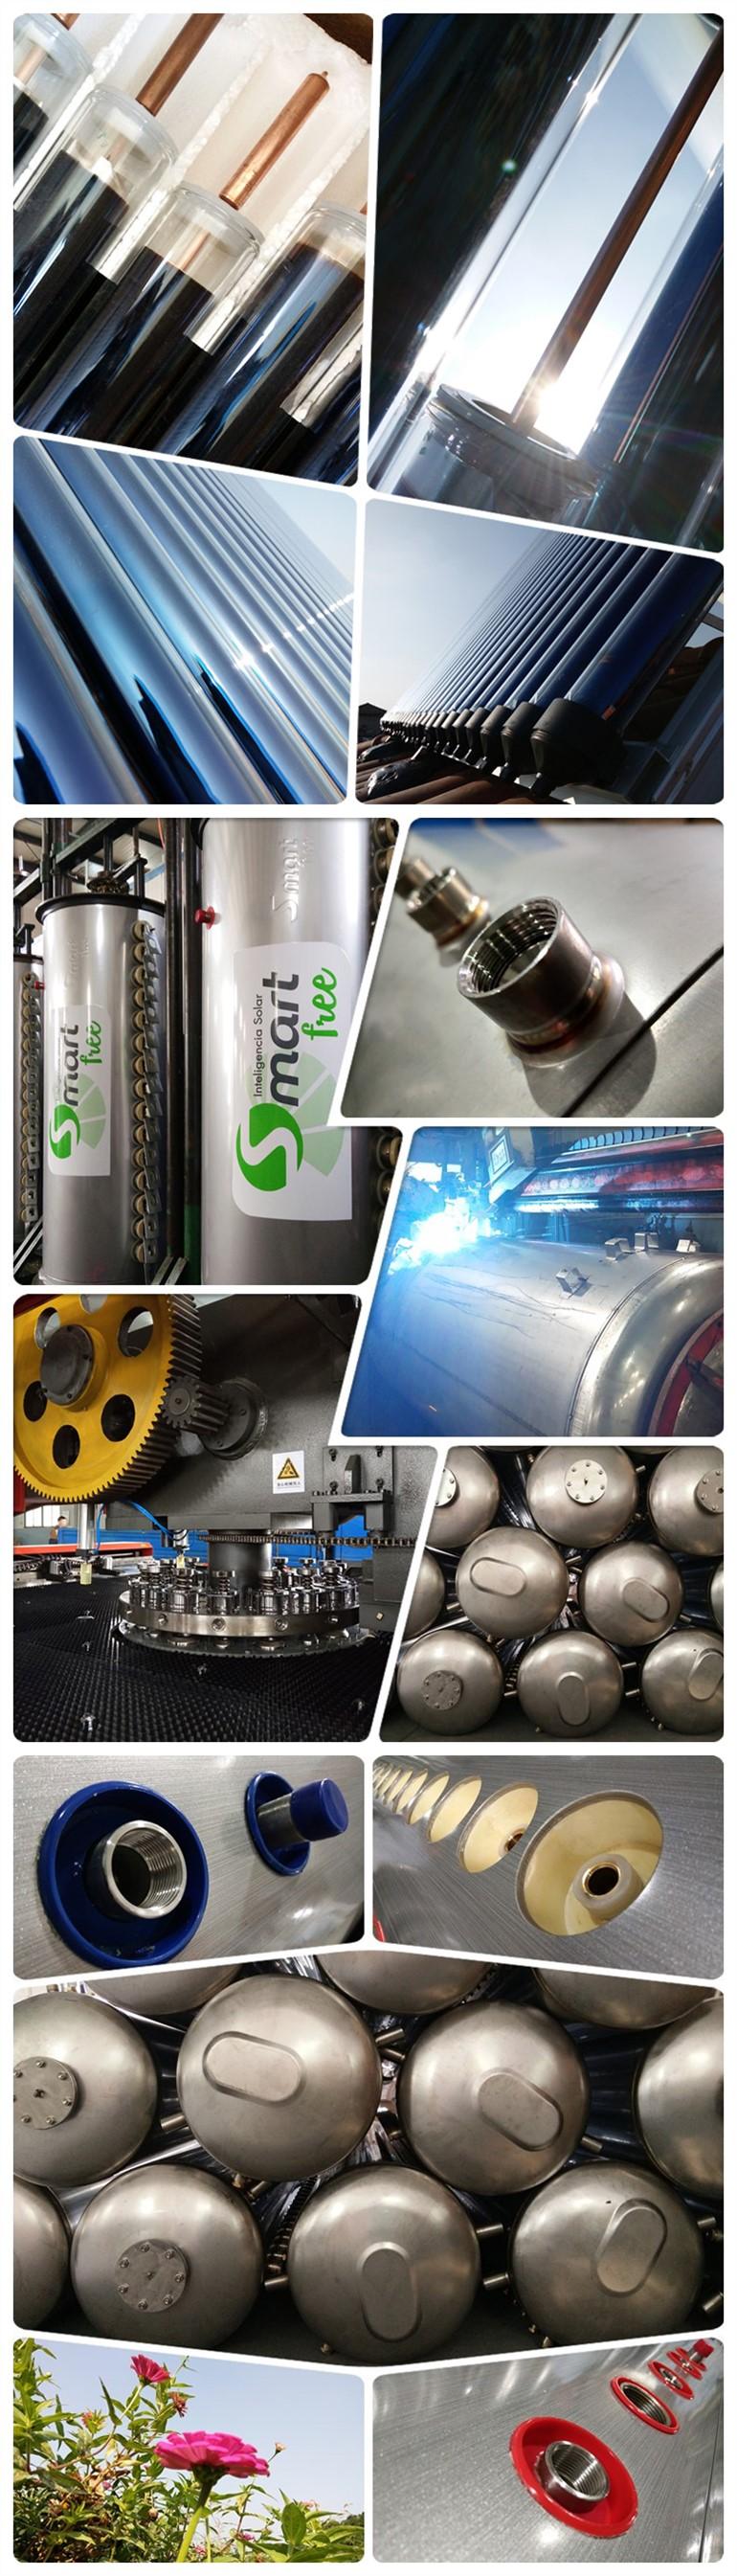 Solar Keymark EN12976 Heat Pipe High Pressure Solar Water Heater (150L)